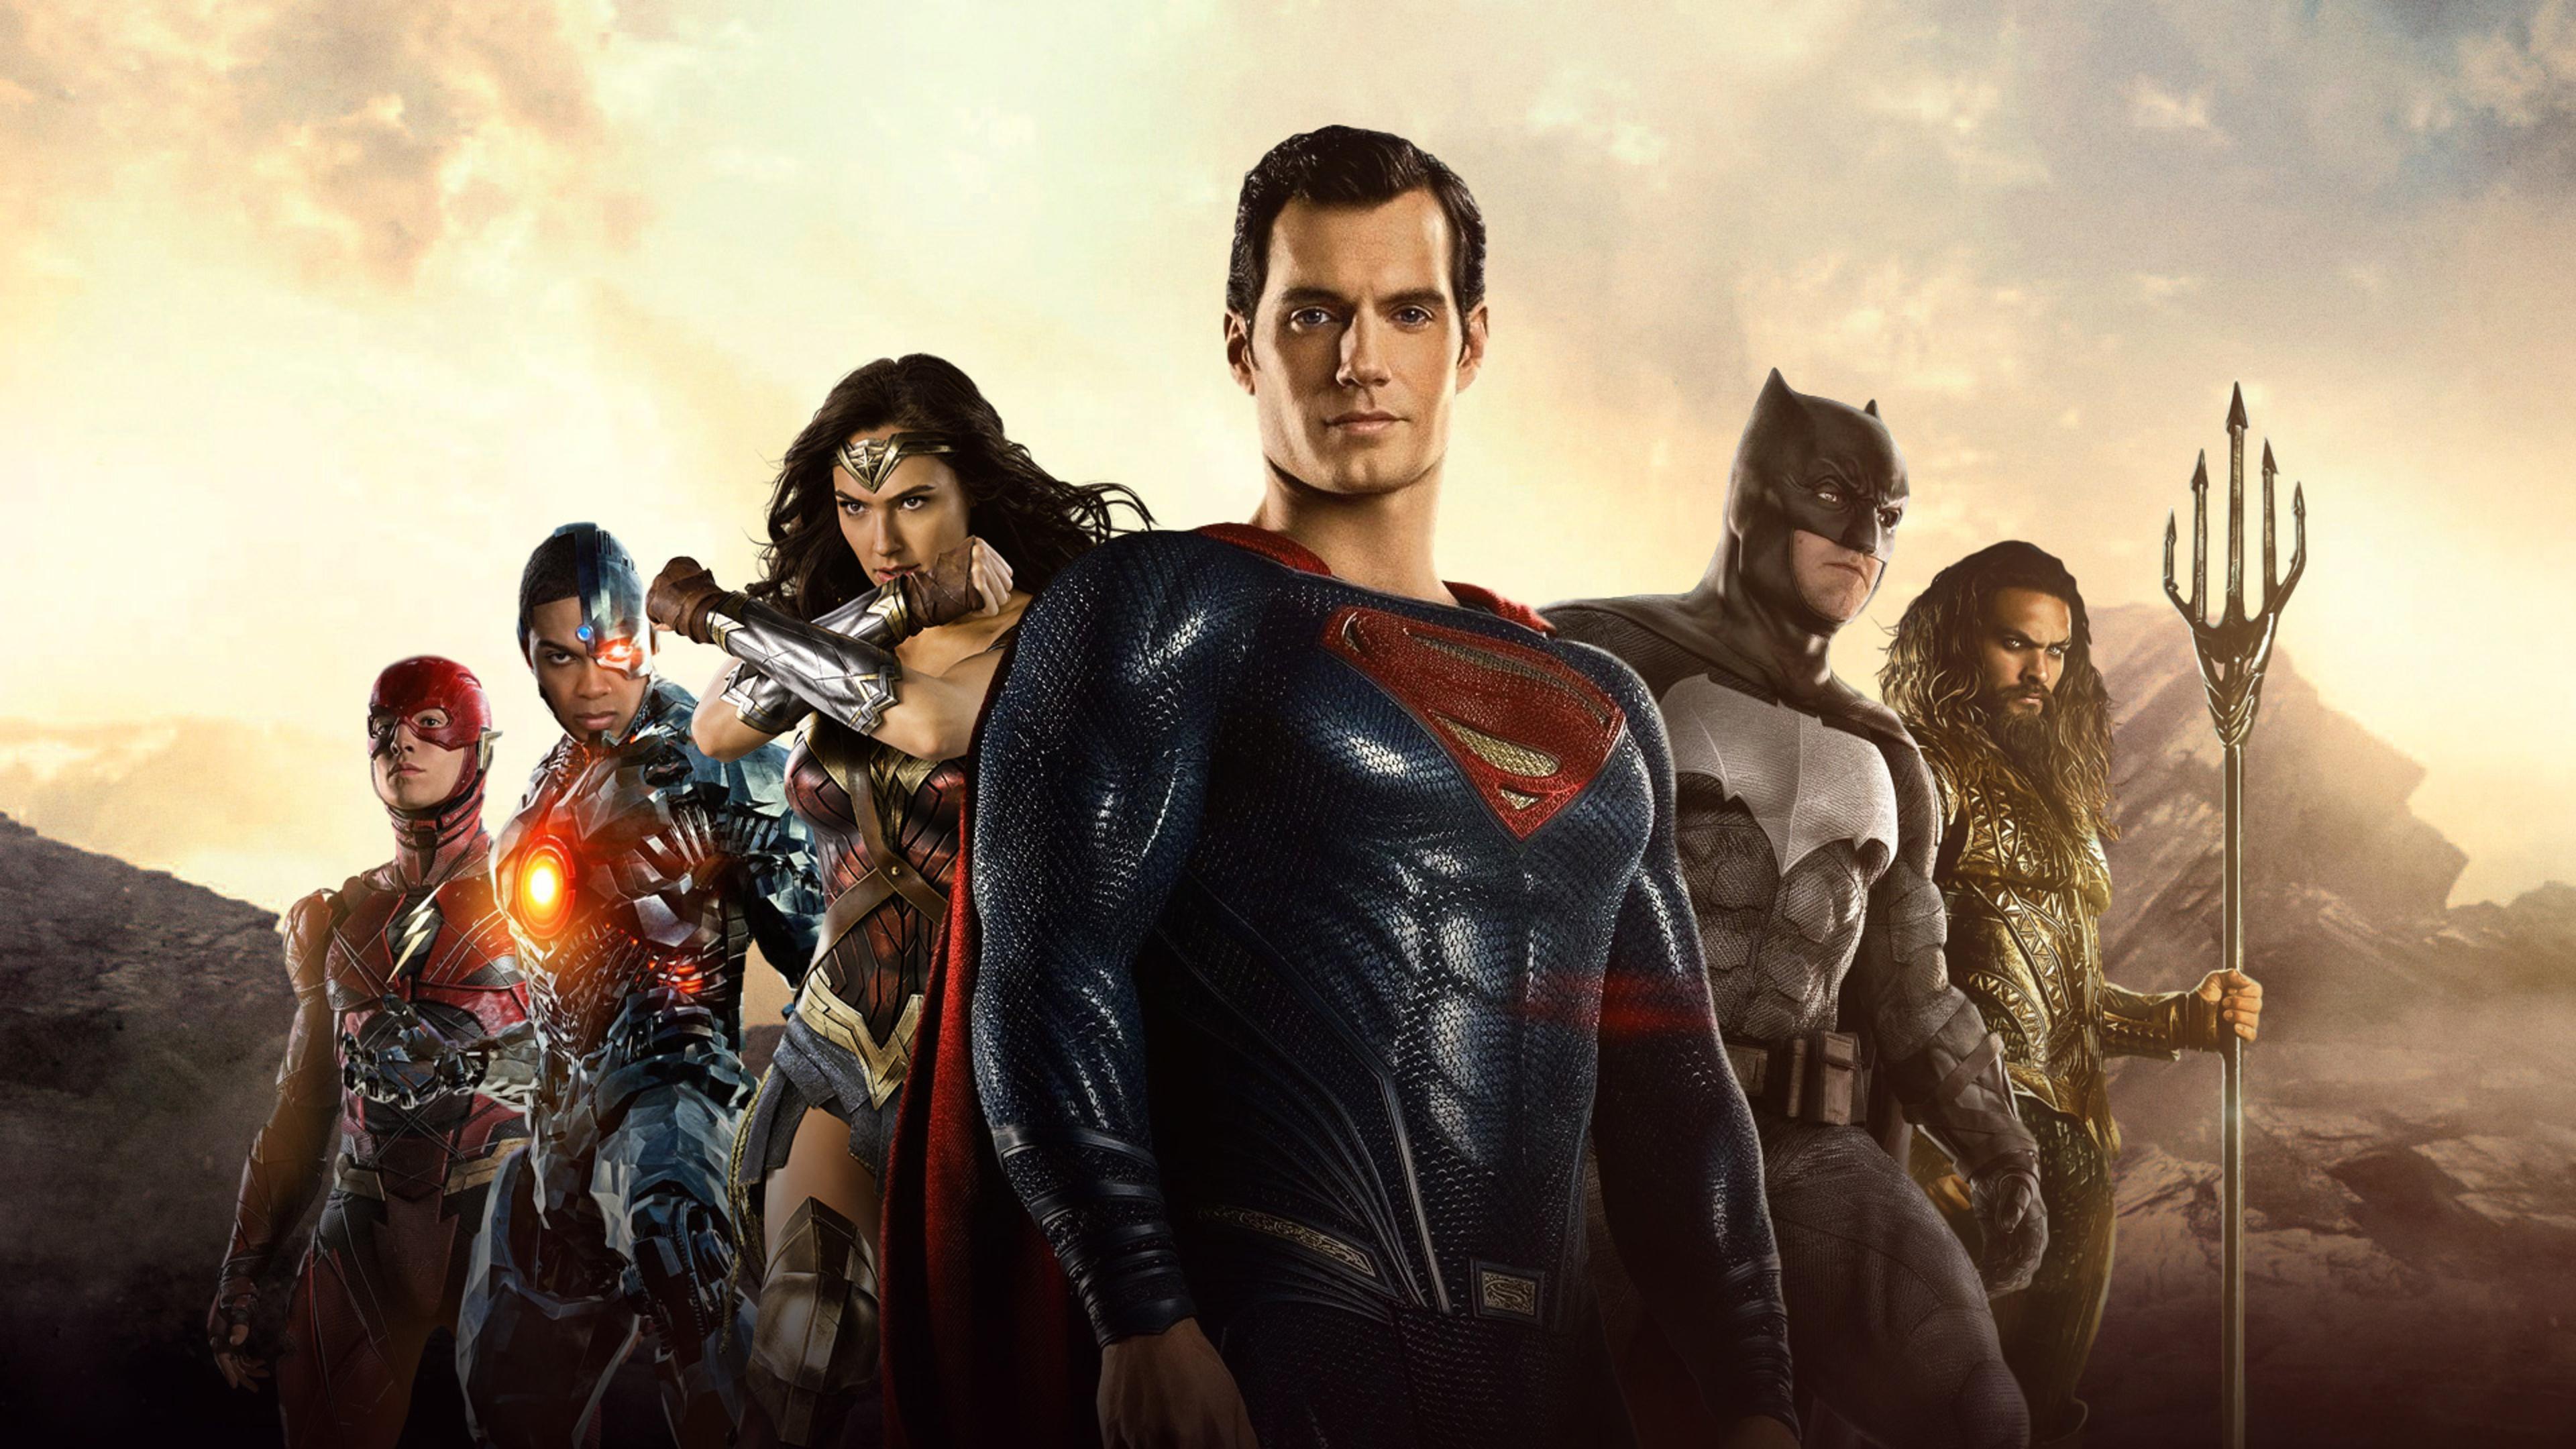 Wonder Woman Justice League 4k Fan Art Hd Movies 4k: 3840x2160 Justice League 2017 Movie 4k HD 4k Wallpapers